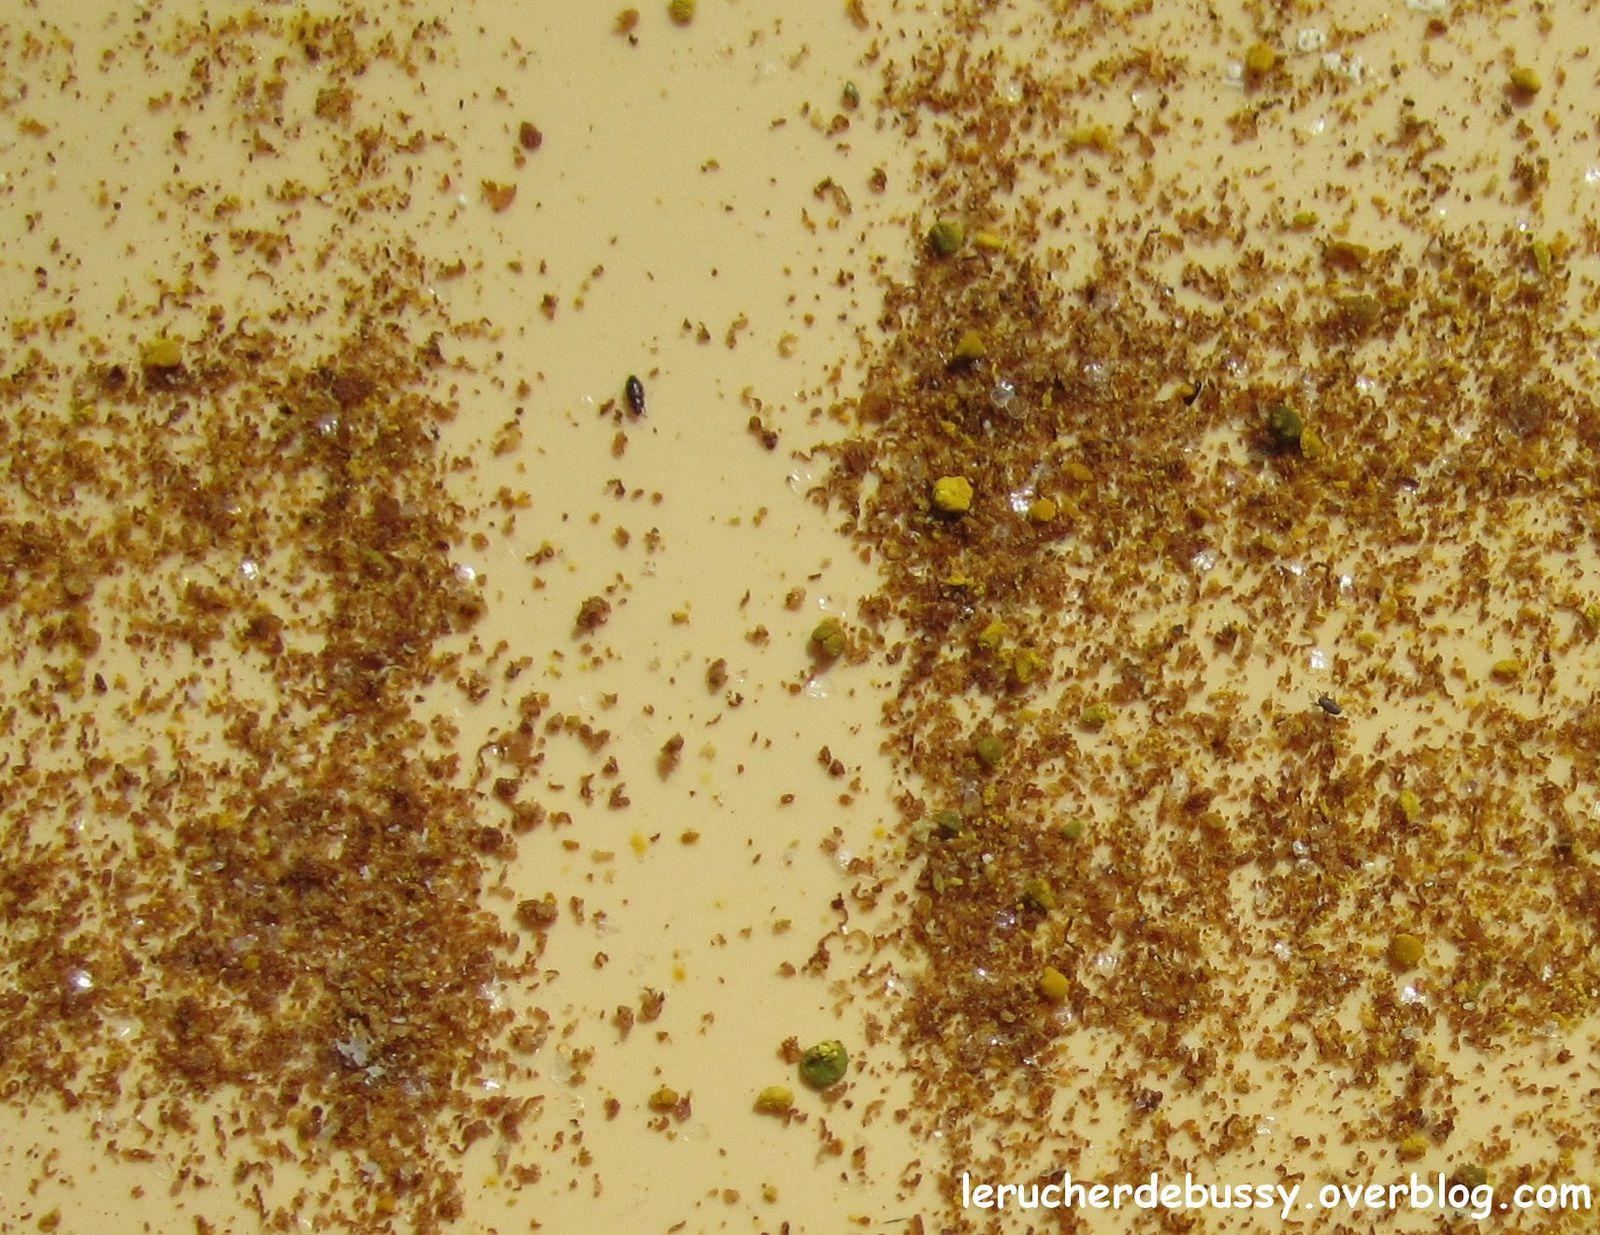 En jaune du pollen de saule marsault. En vert probablement du pollen de buis.